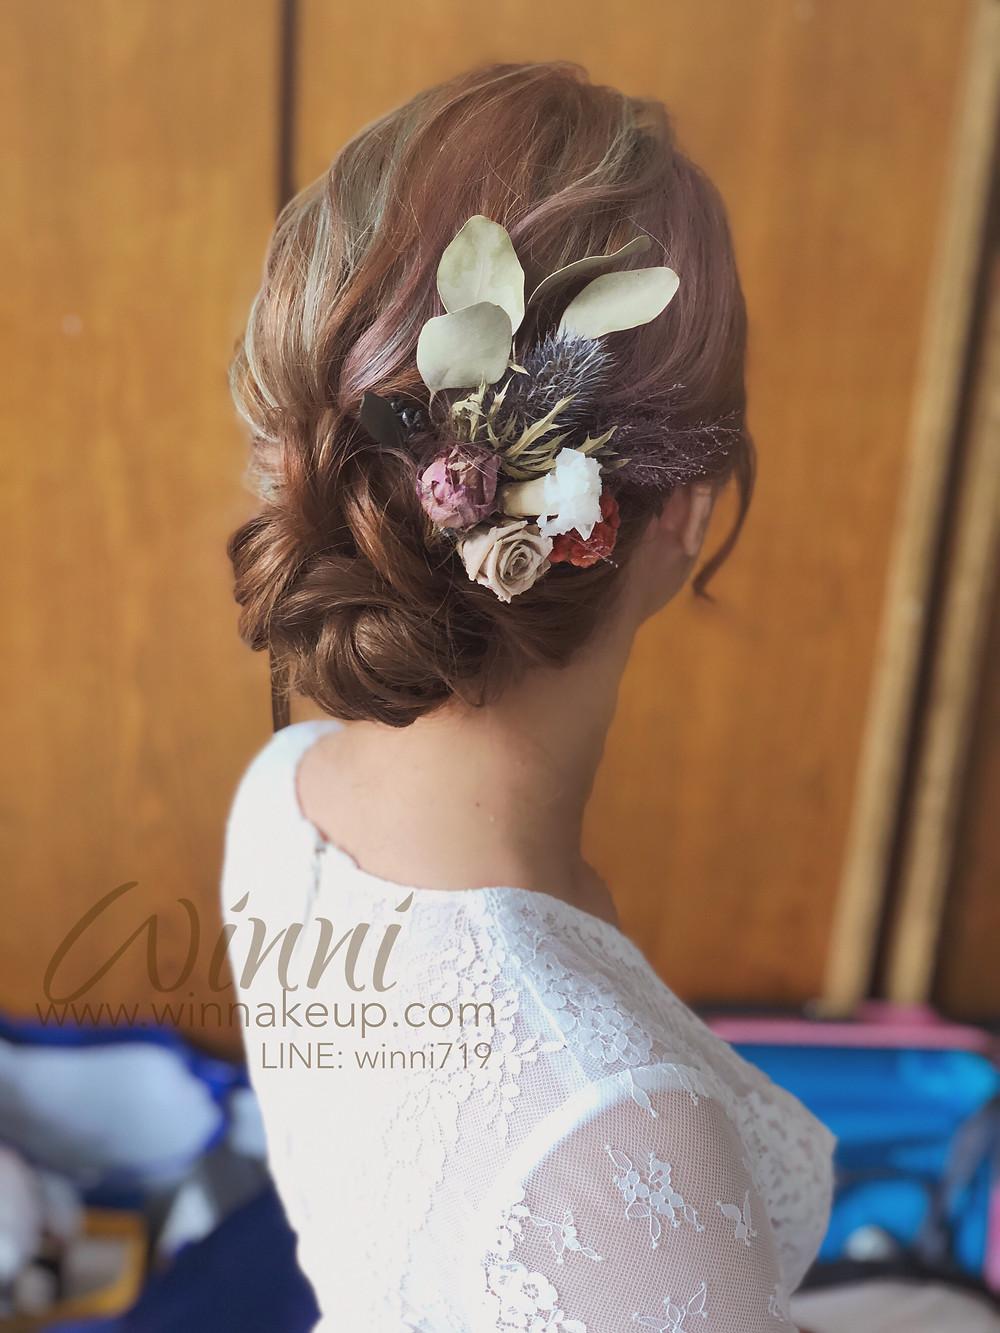 #白紗造型,#新娘造型,#低盤髮造型,#新娘妝 #乾燥花髮飾 #不凋花髮飾